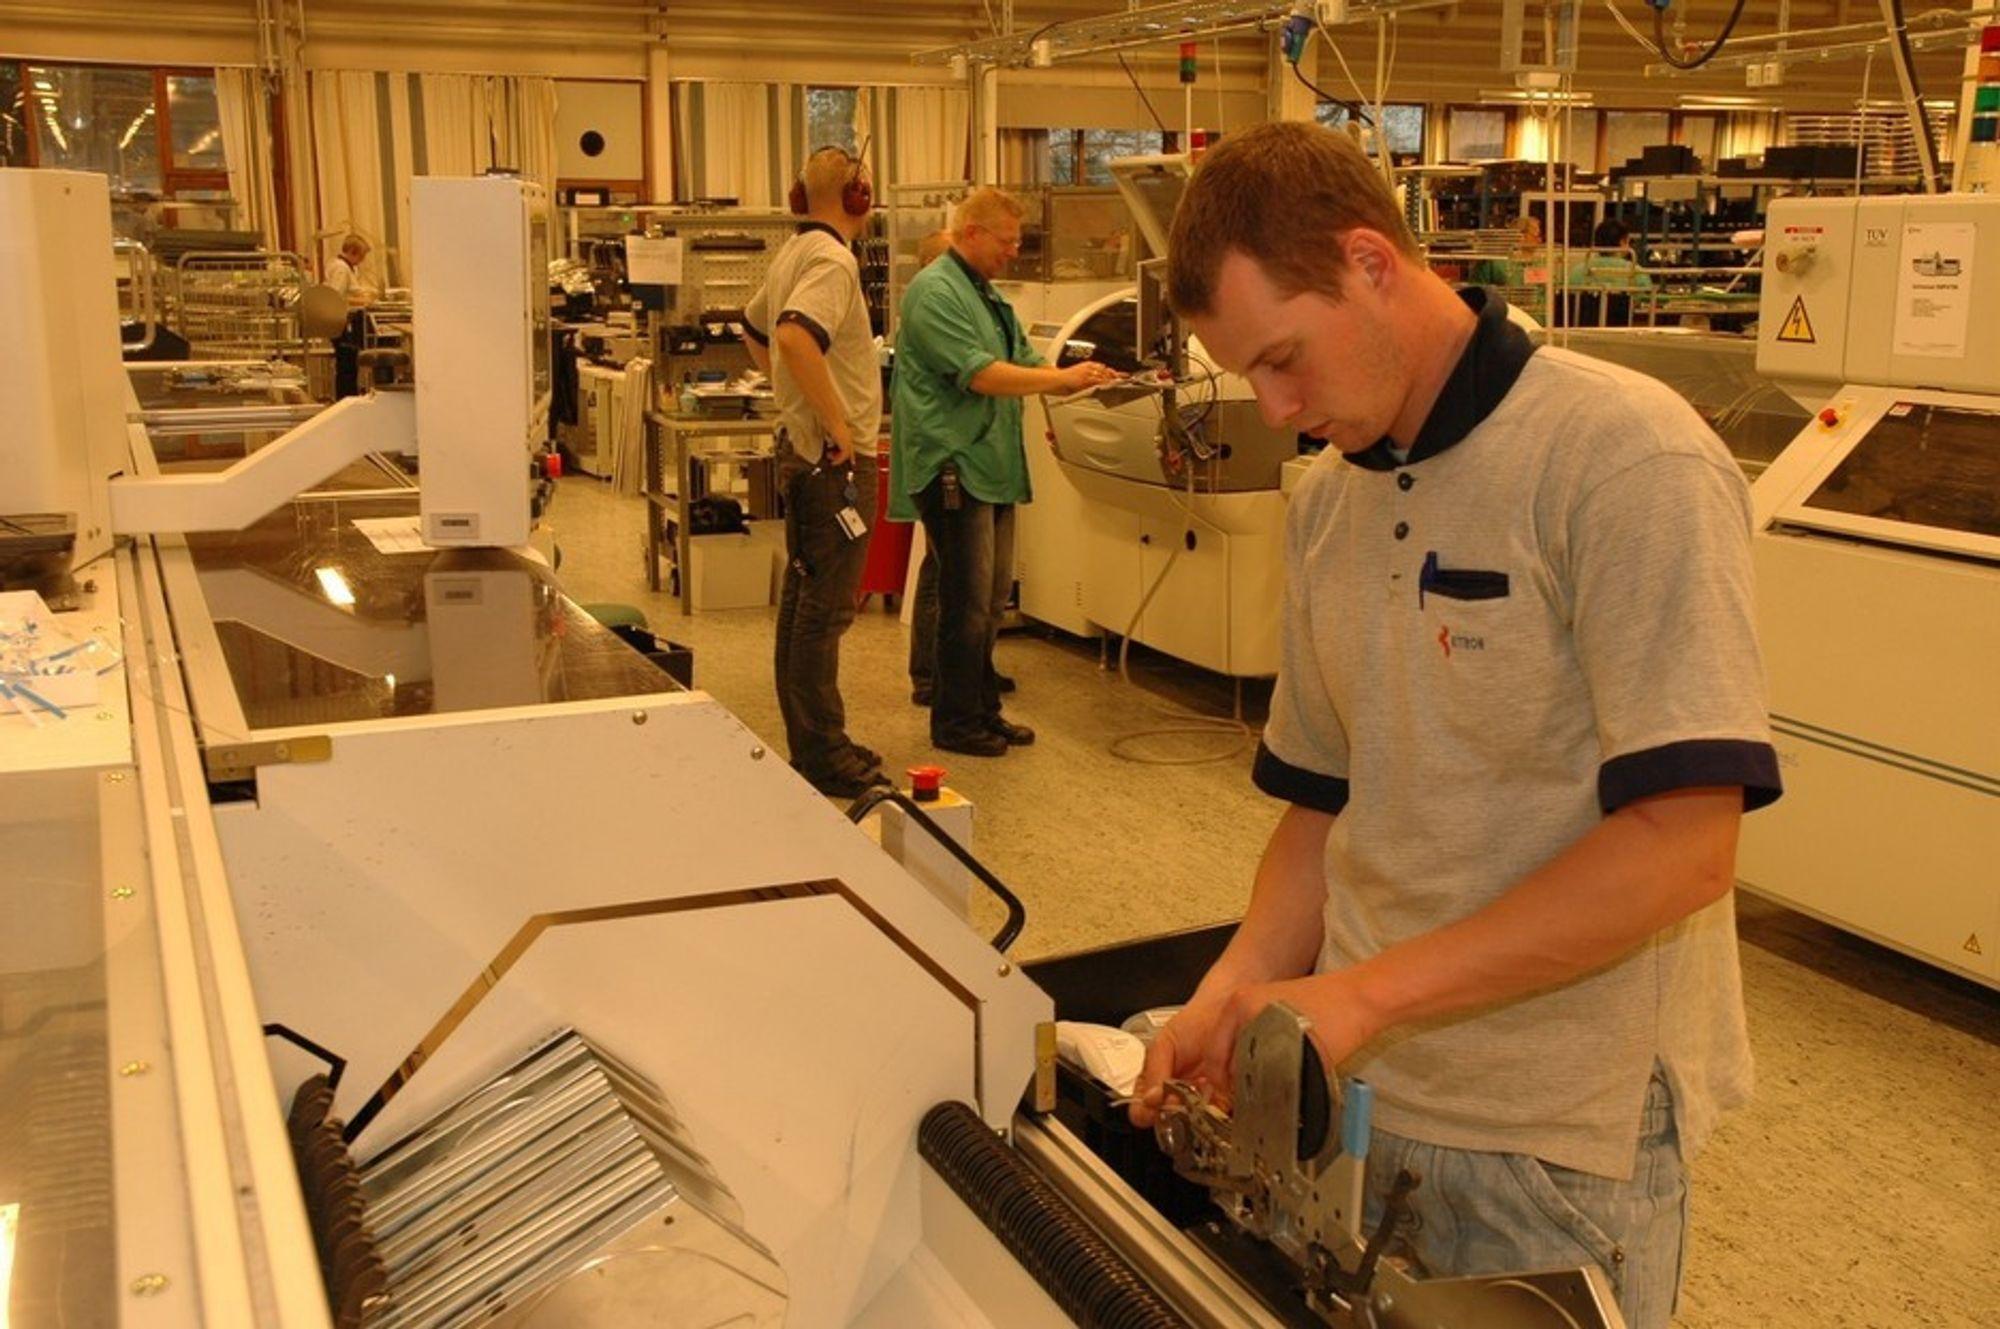 Det meste produseres med automater hos Kitron, men kvalitetskontroll krever også menneskelig inngripen.